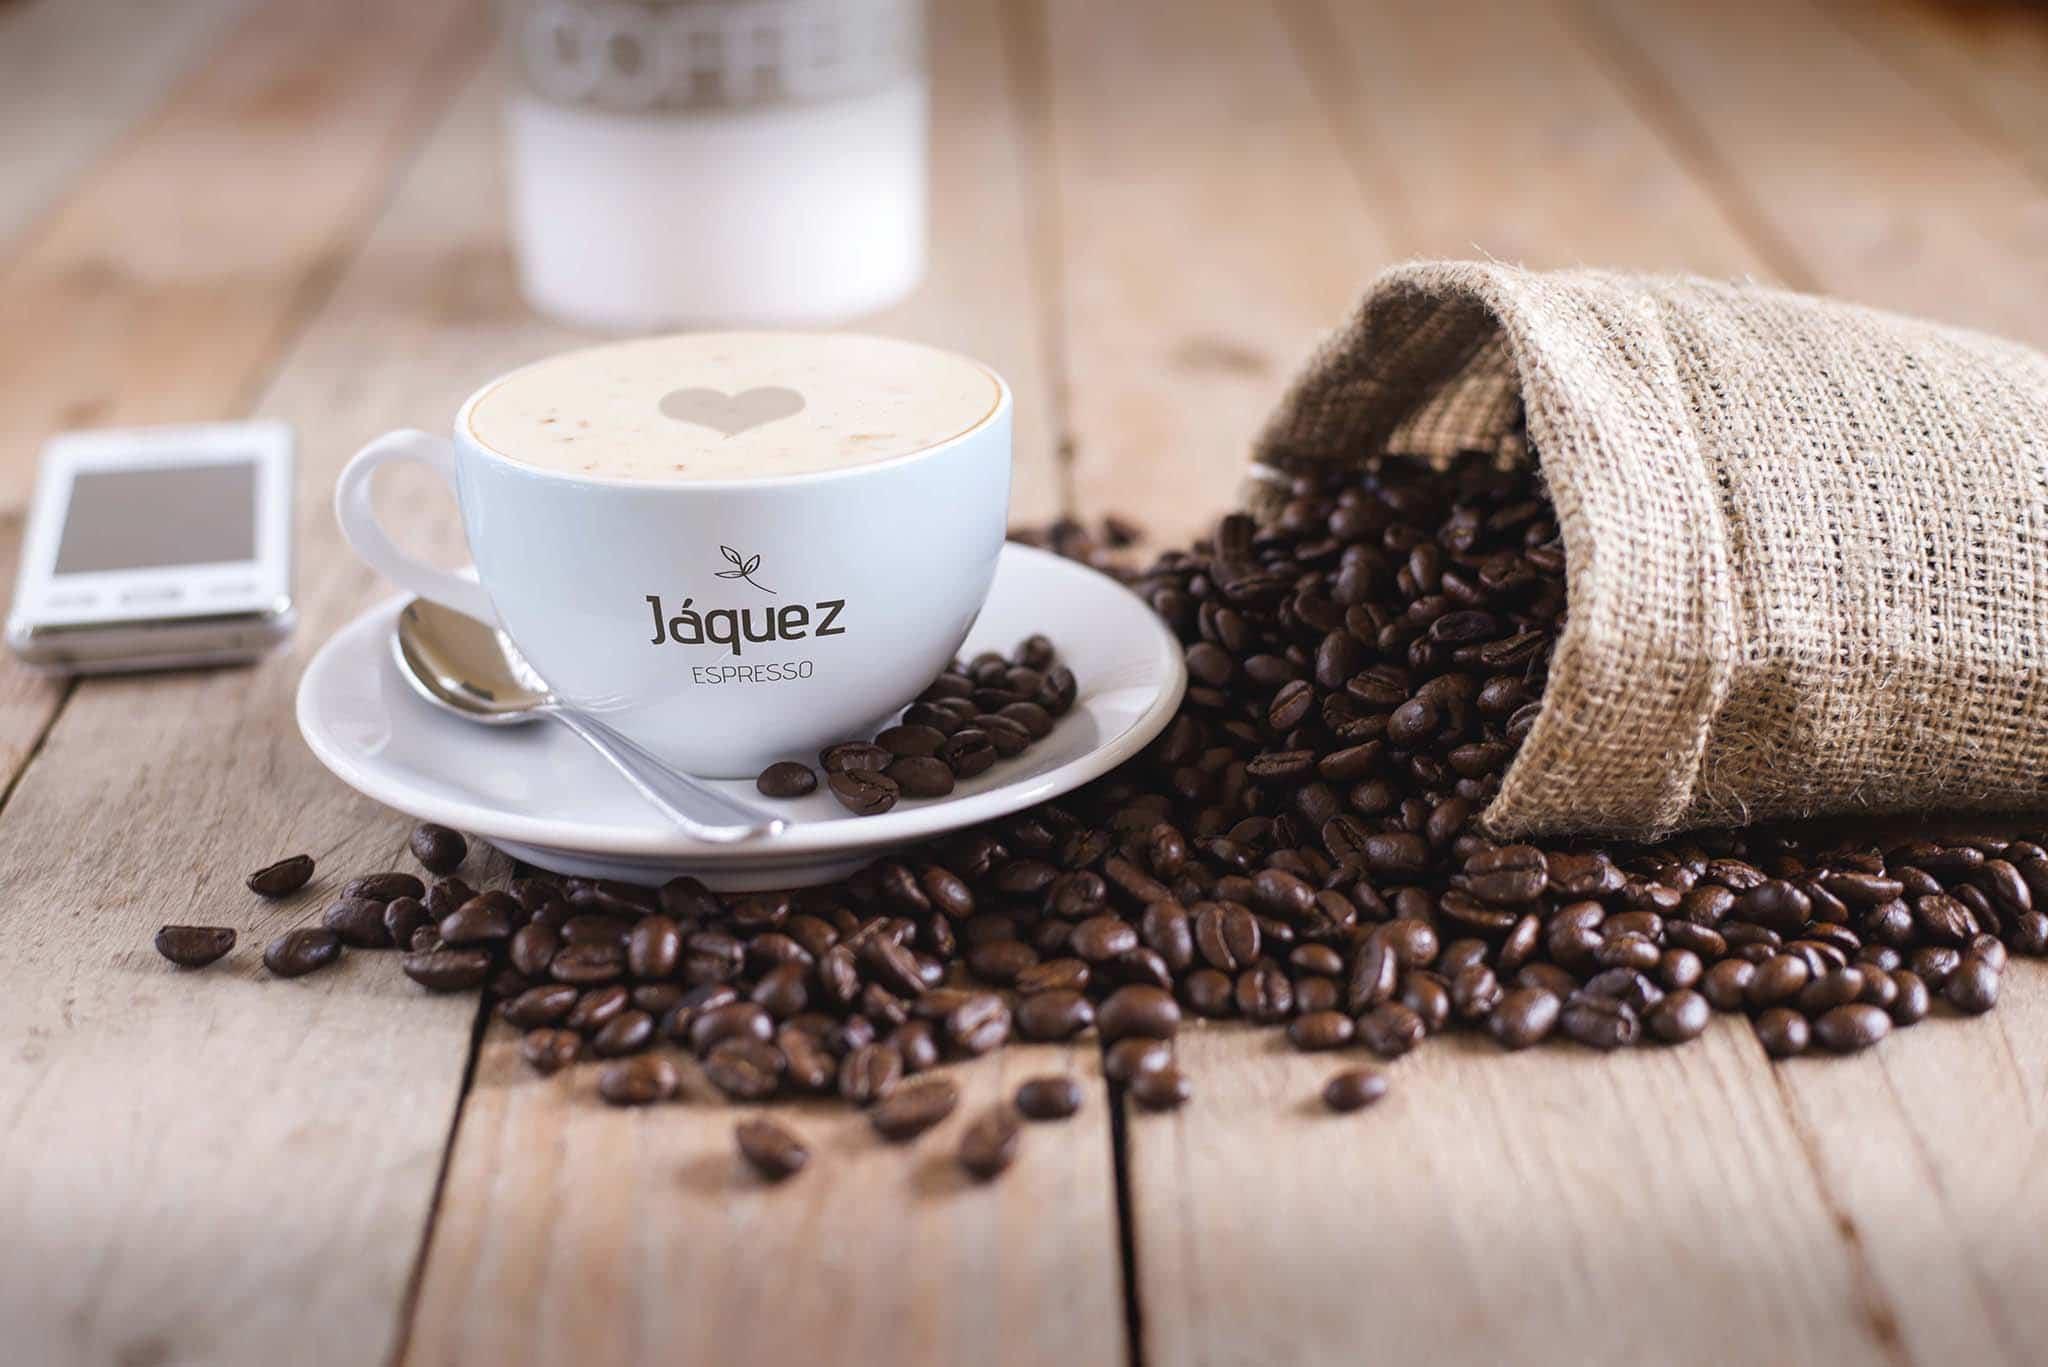 Jáquez Expresso Cup Of Coffee